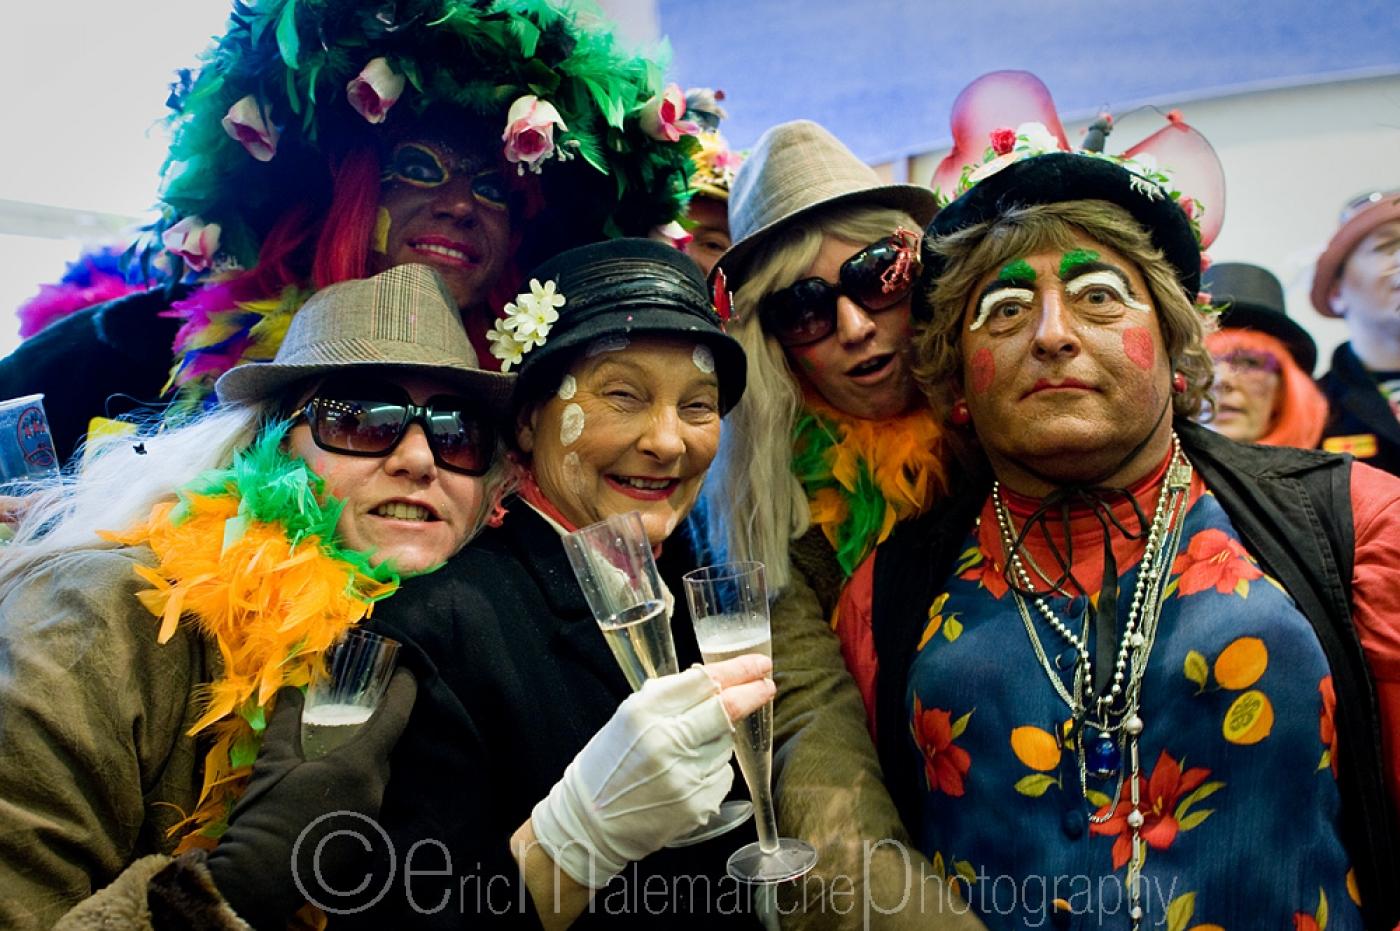 https://www.ericmalemanche.com/imagess/topics/carnaval-de-dunkerque/liste/Carnaval-Dunkerque-1584.jpg